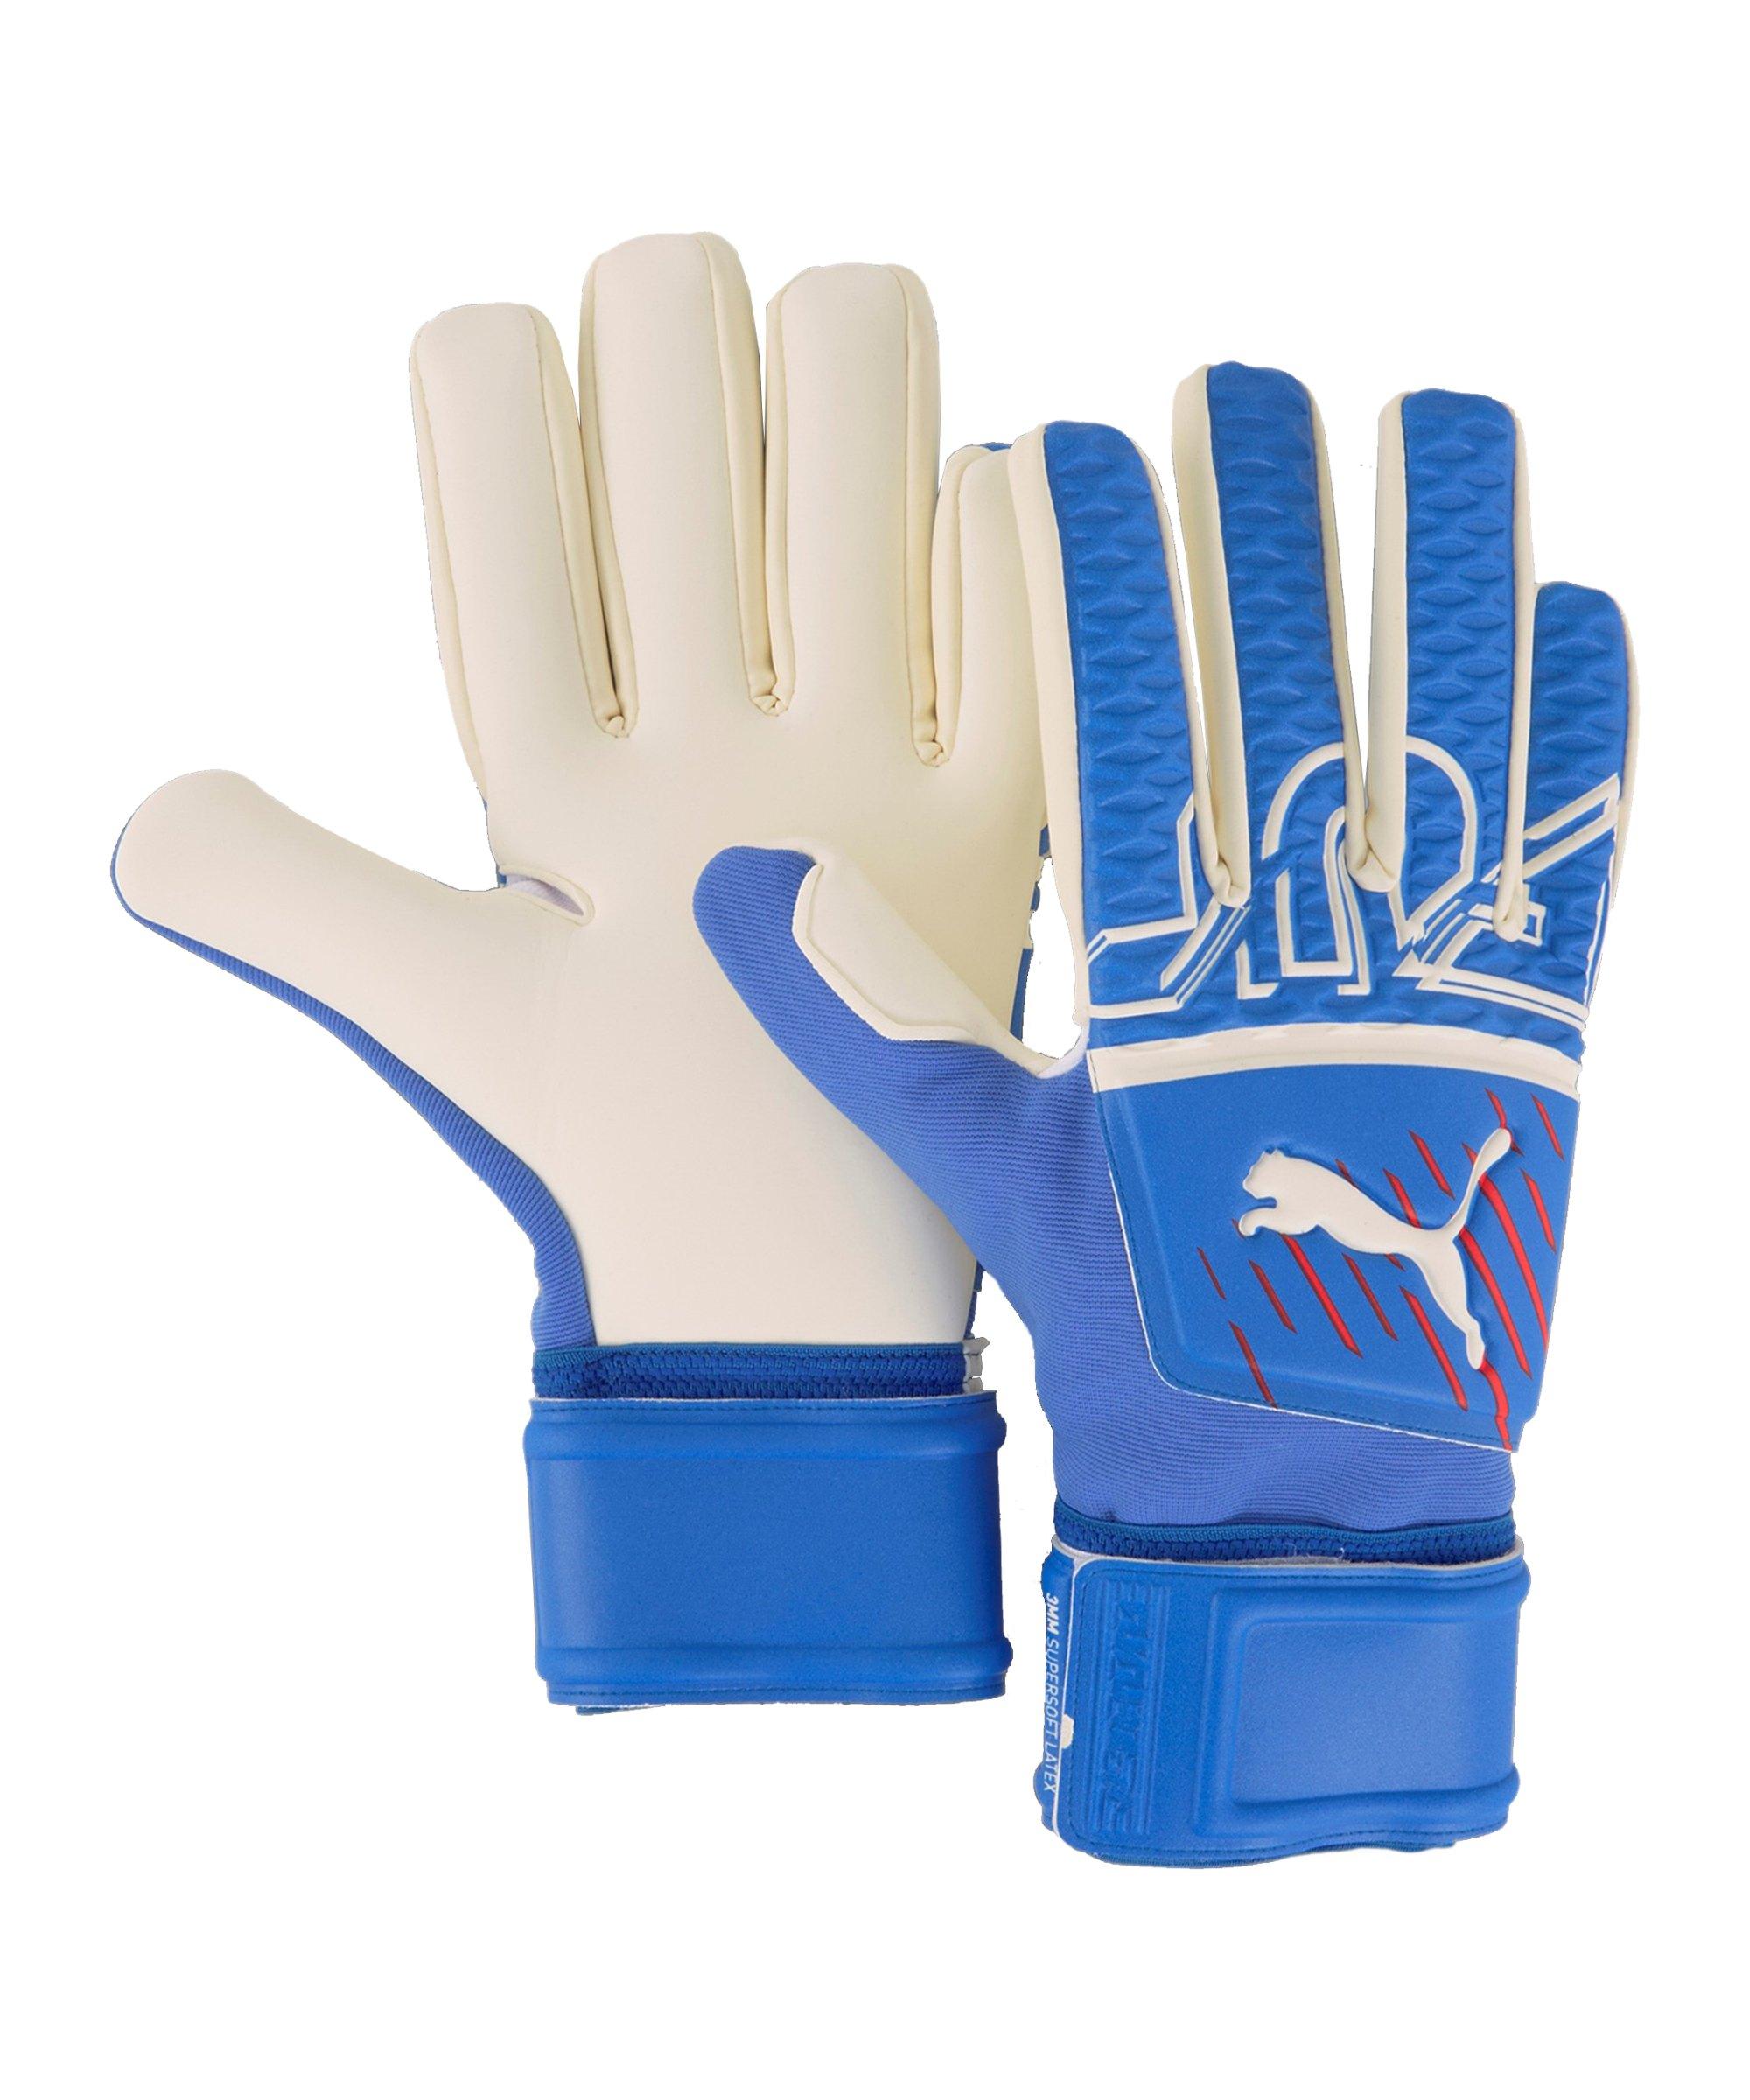 PUMA FUTURE Z Grip 3 NC Faster Football TW-Handschuh Blau F04 - blau